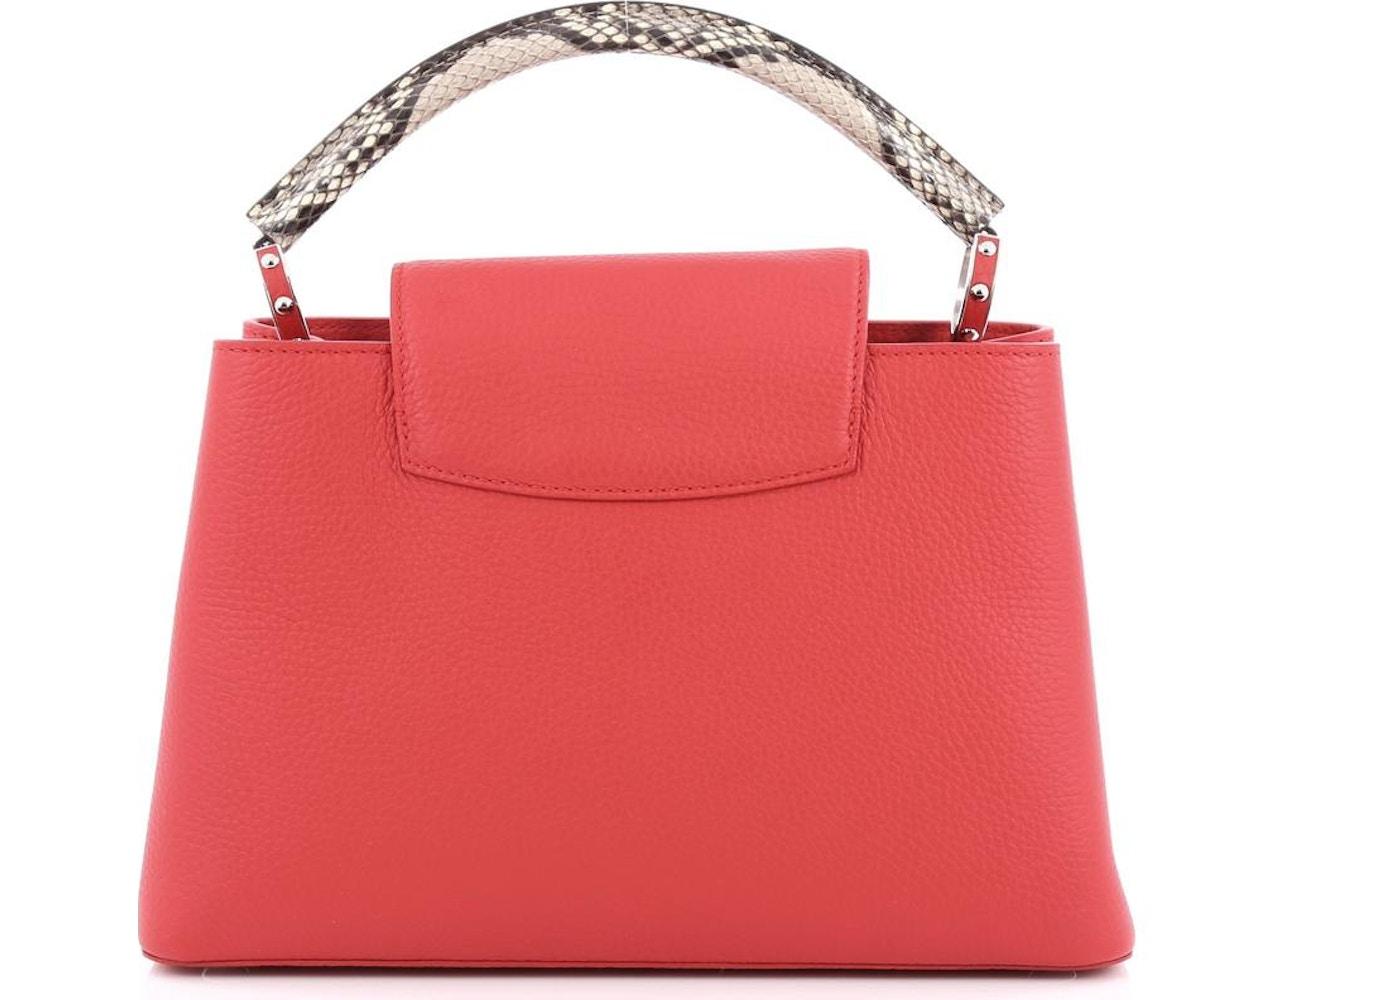 Louis Vuitton Capucines Python Handle Taurillon PM Rubis 6041f60c457